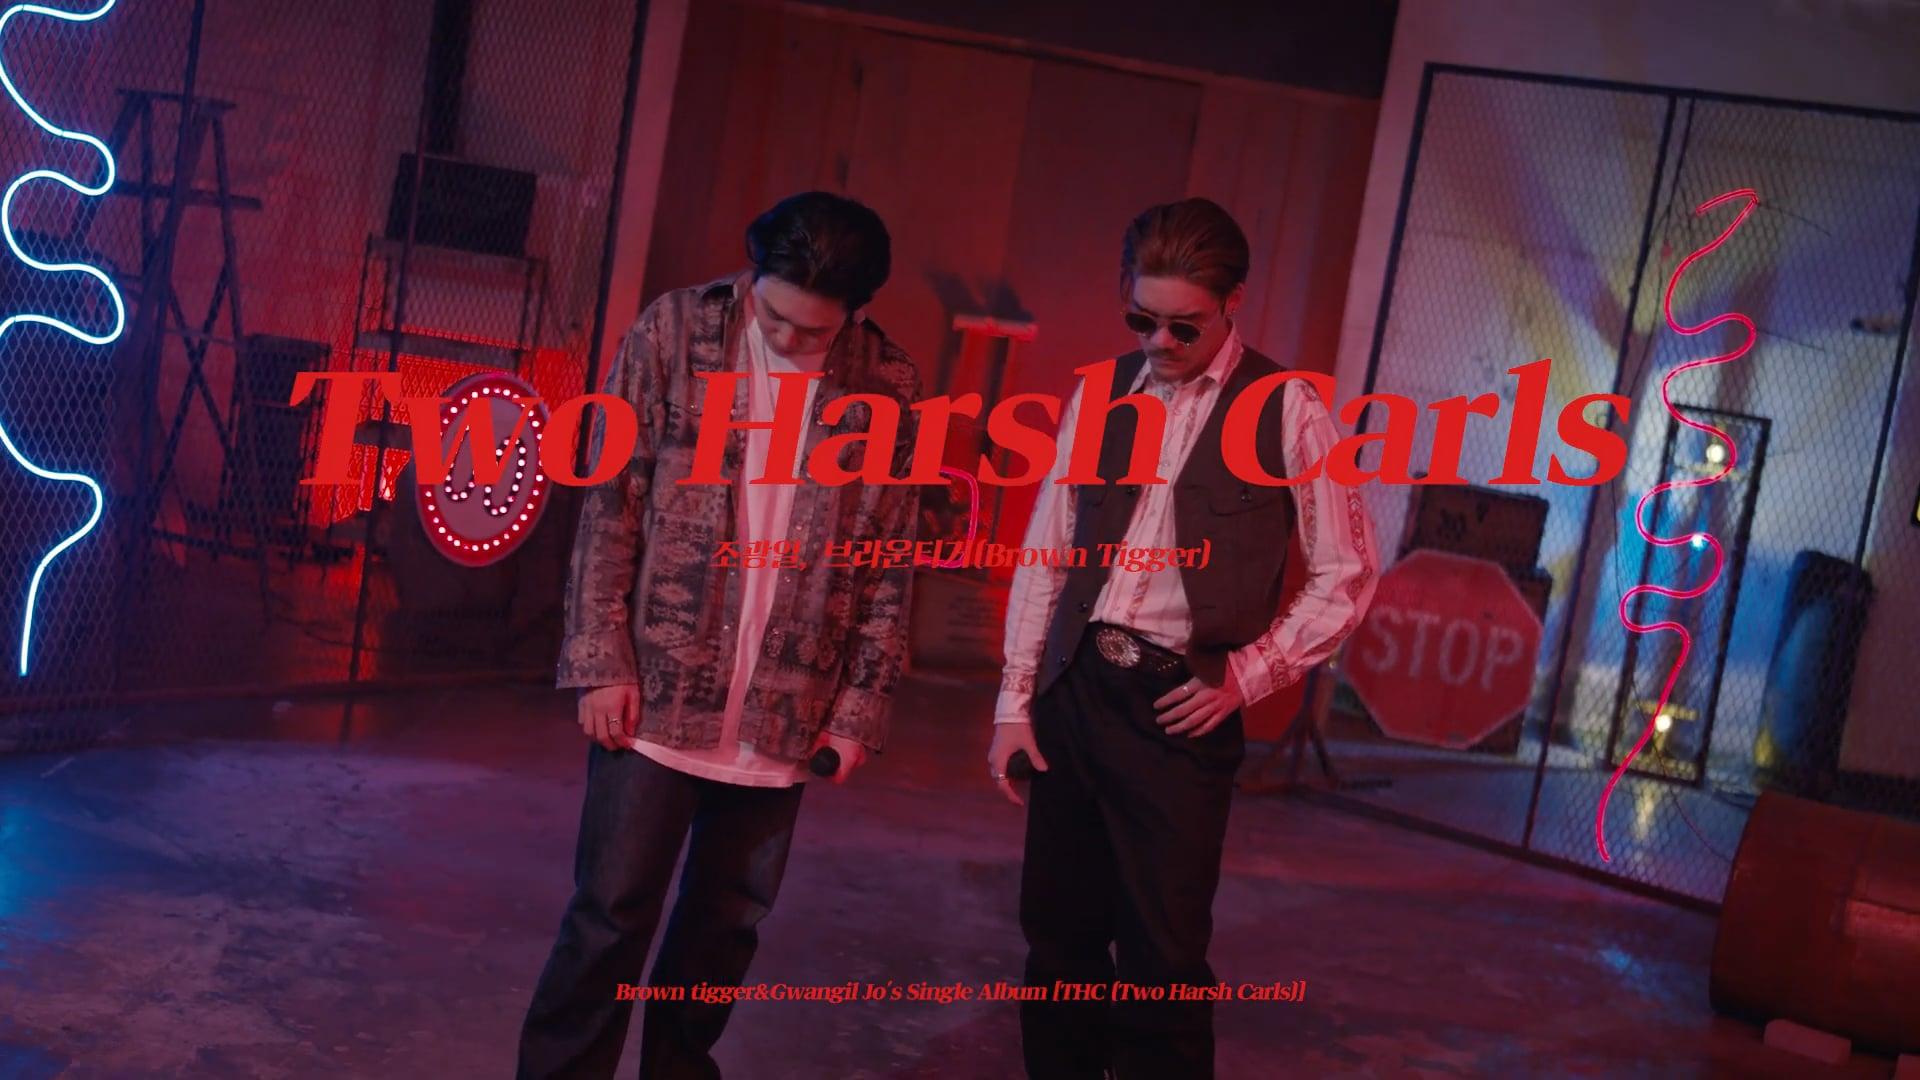 조광일 (Gwangil Jo), 브라운티거 (Brown tigger) - Two Harsh Carls   Official Live Clip